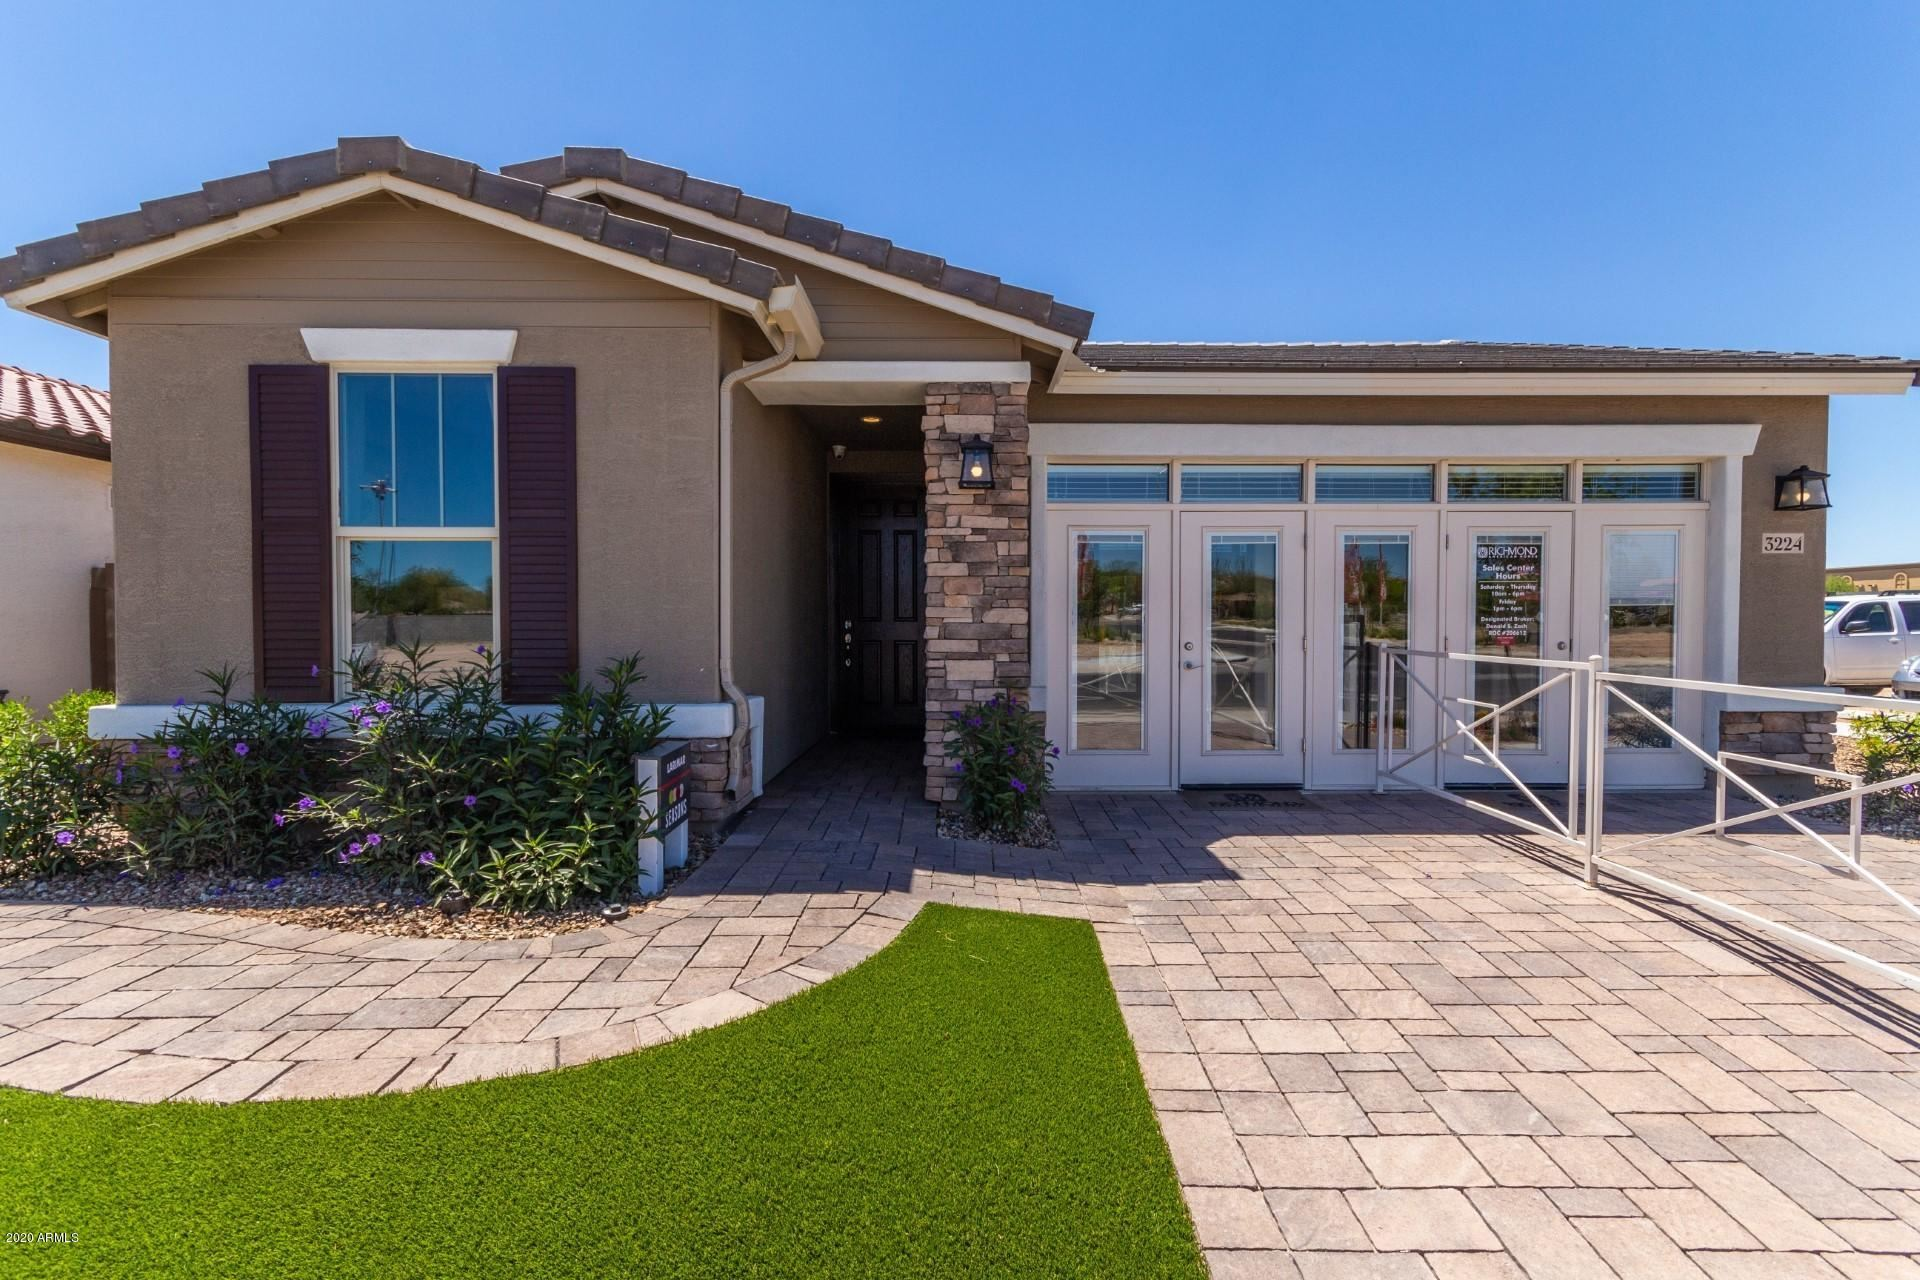 3224 S 75TH Drive, Phoenix, AZ 85043 - MLS#: 6088031